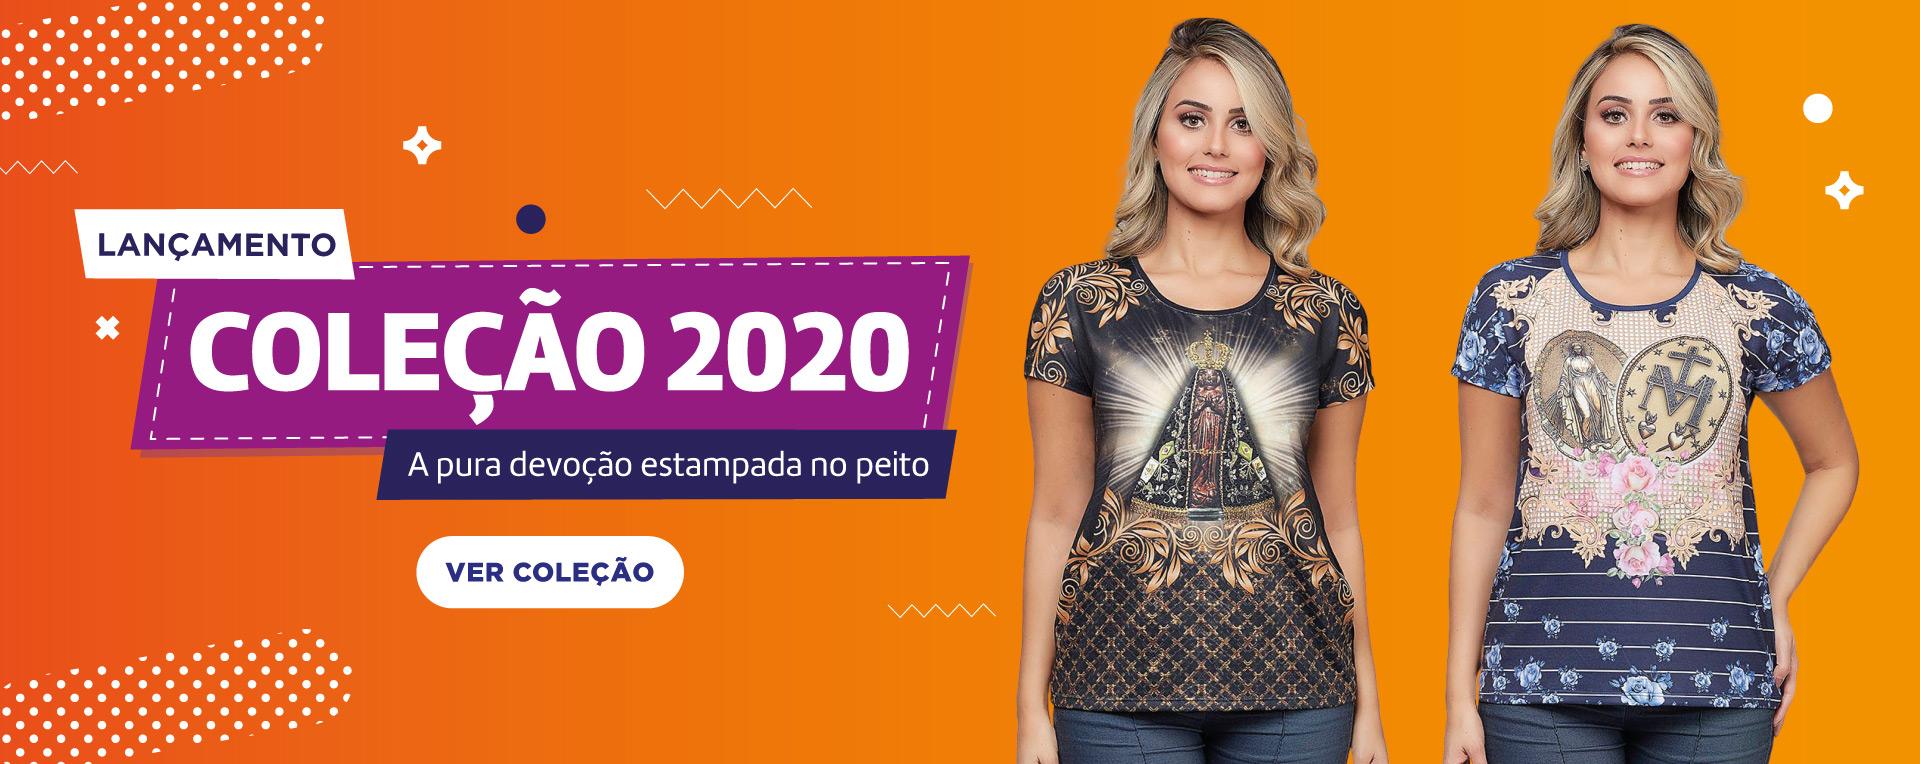 Lançamento Janeiro - Fashion